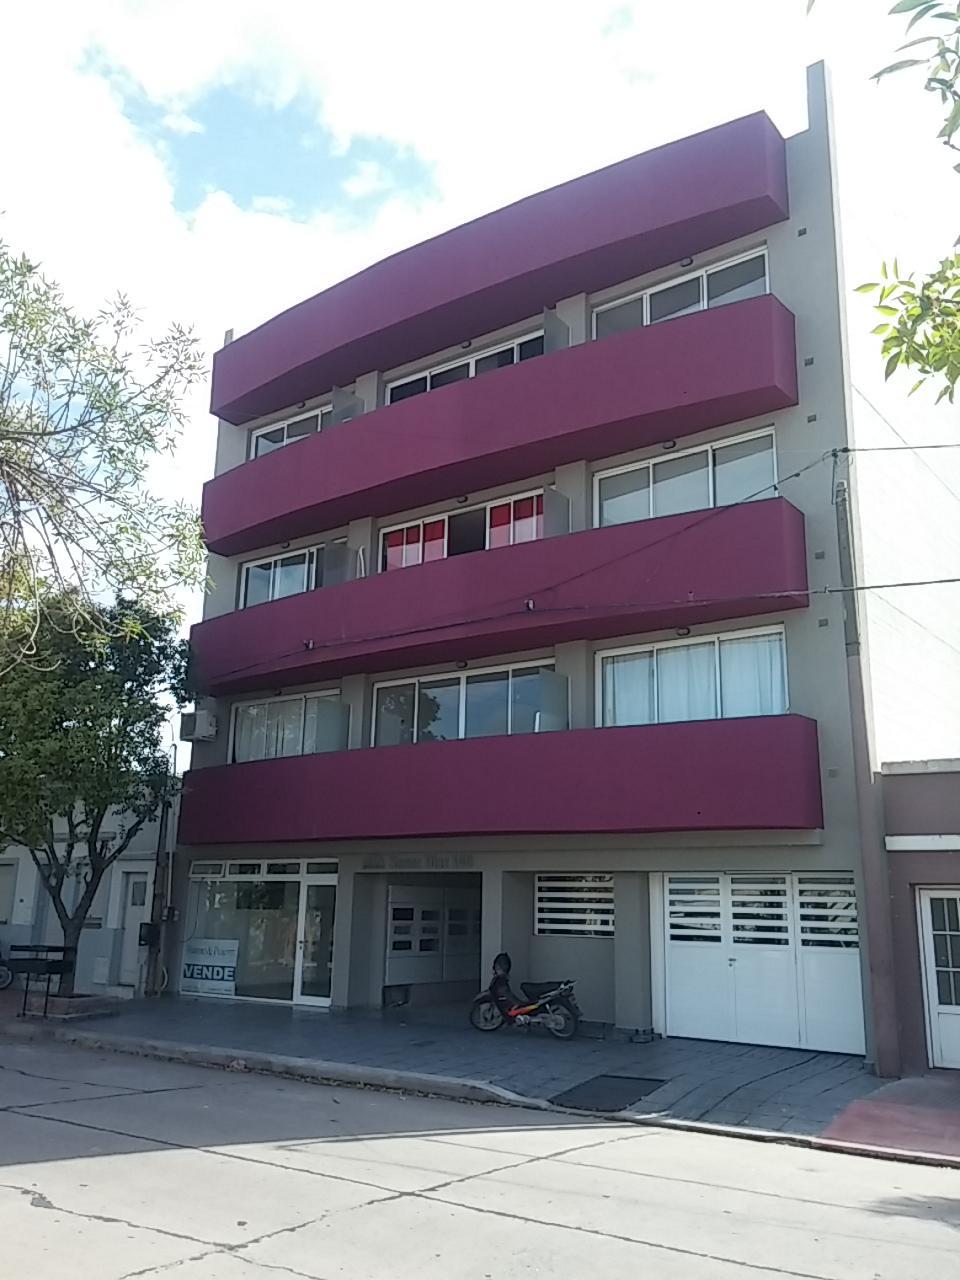 Saens Diaz al 100 - Gaggiotti Inmobiliaria cuenta con más de 50 años desde que se inicio en el negocio de los servicios inmobiliarios.